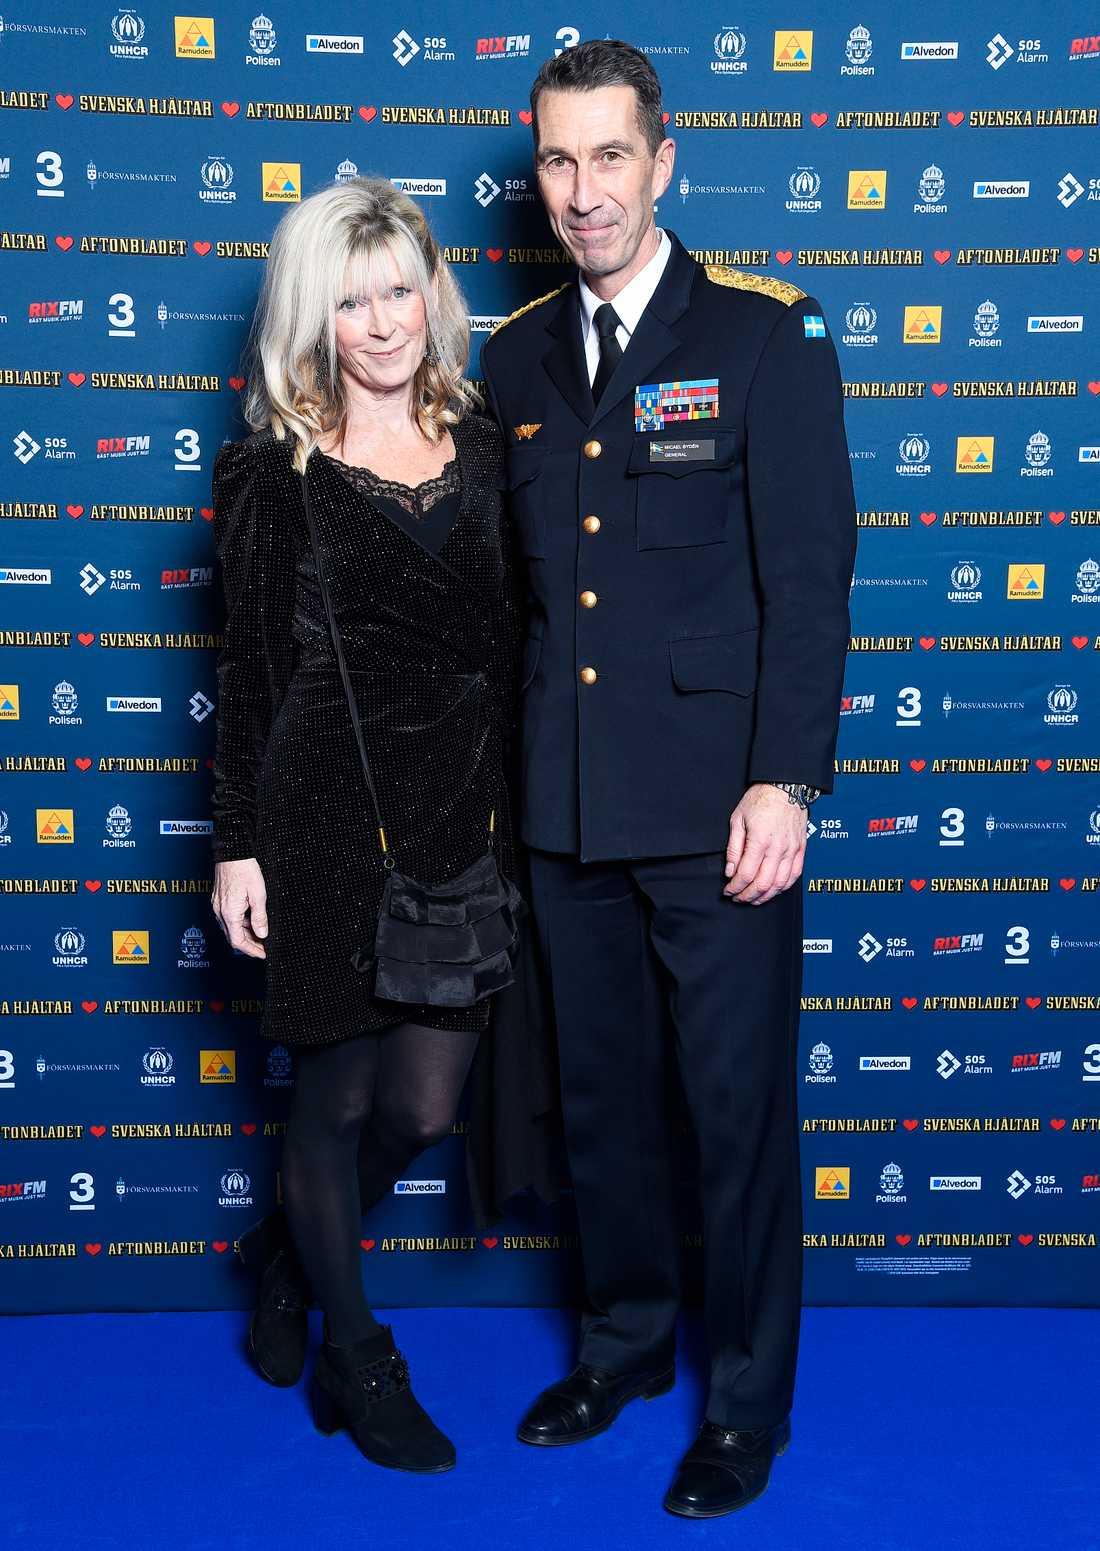 Sveriges överbefälhavare Micael Bydén delade ut pris på galan. Här tillsammans med frun Anita Carlman.